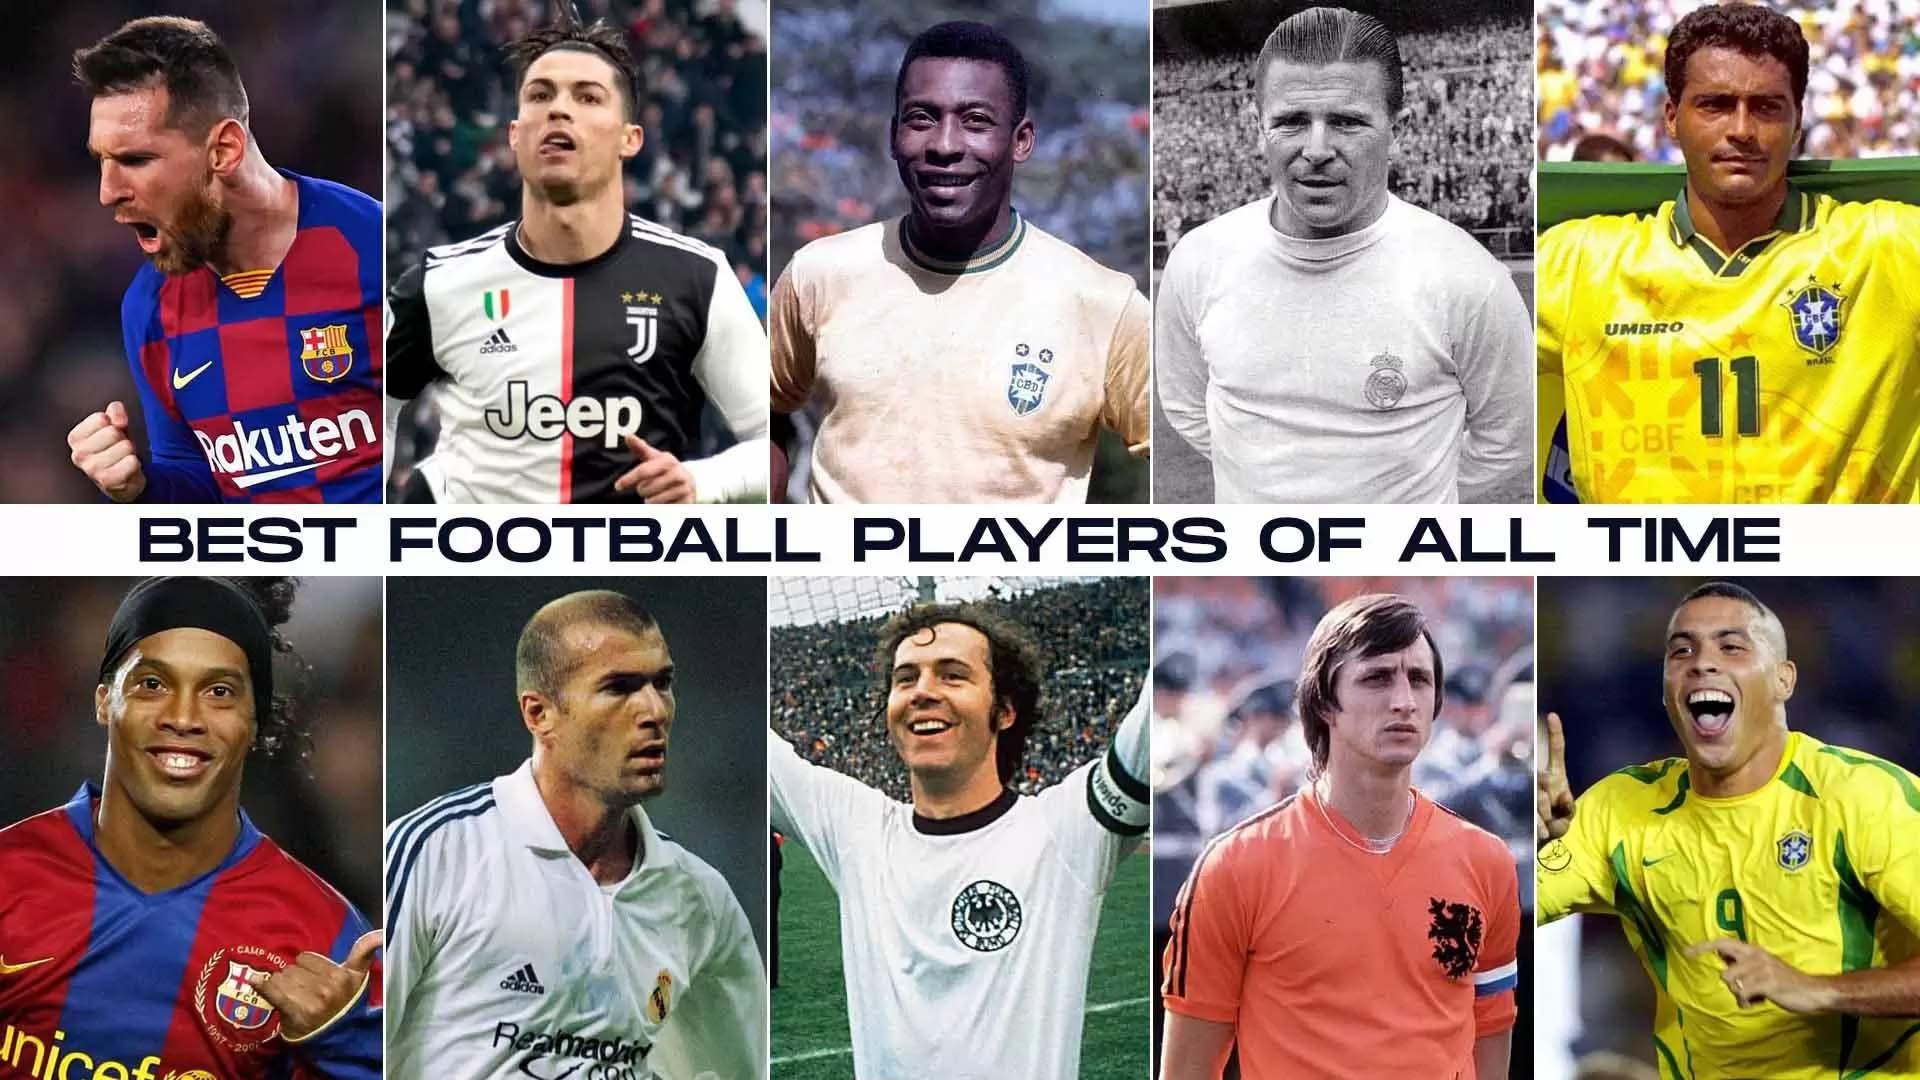 Trong lịch sử bóng đá ghi nhận rất nhiều huyền thoại với tài năng chơi bóng vượt trội